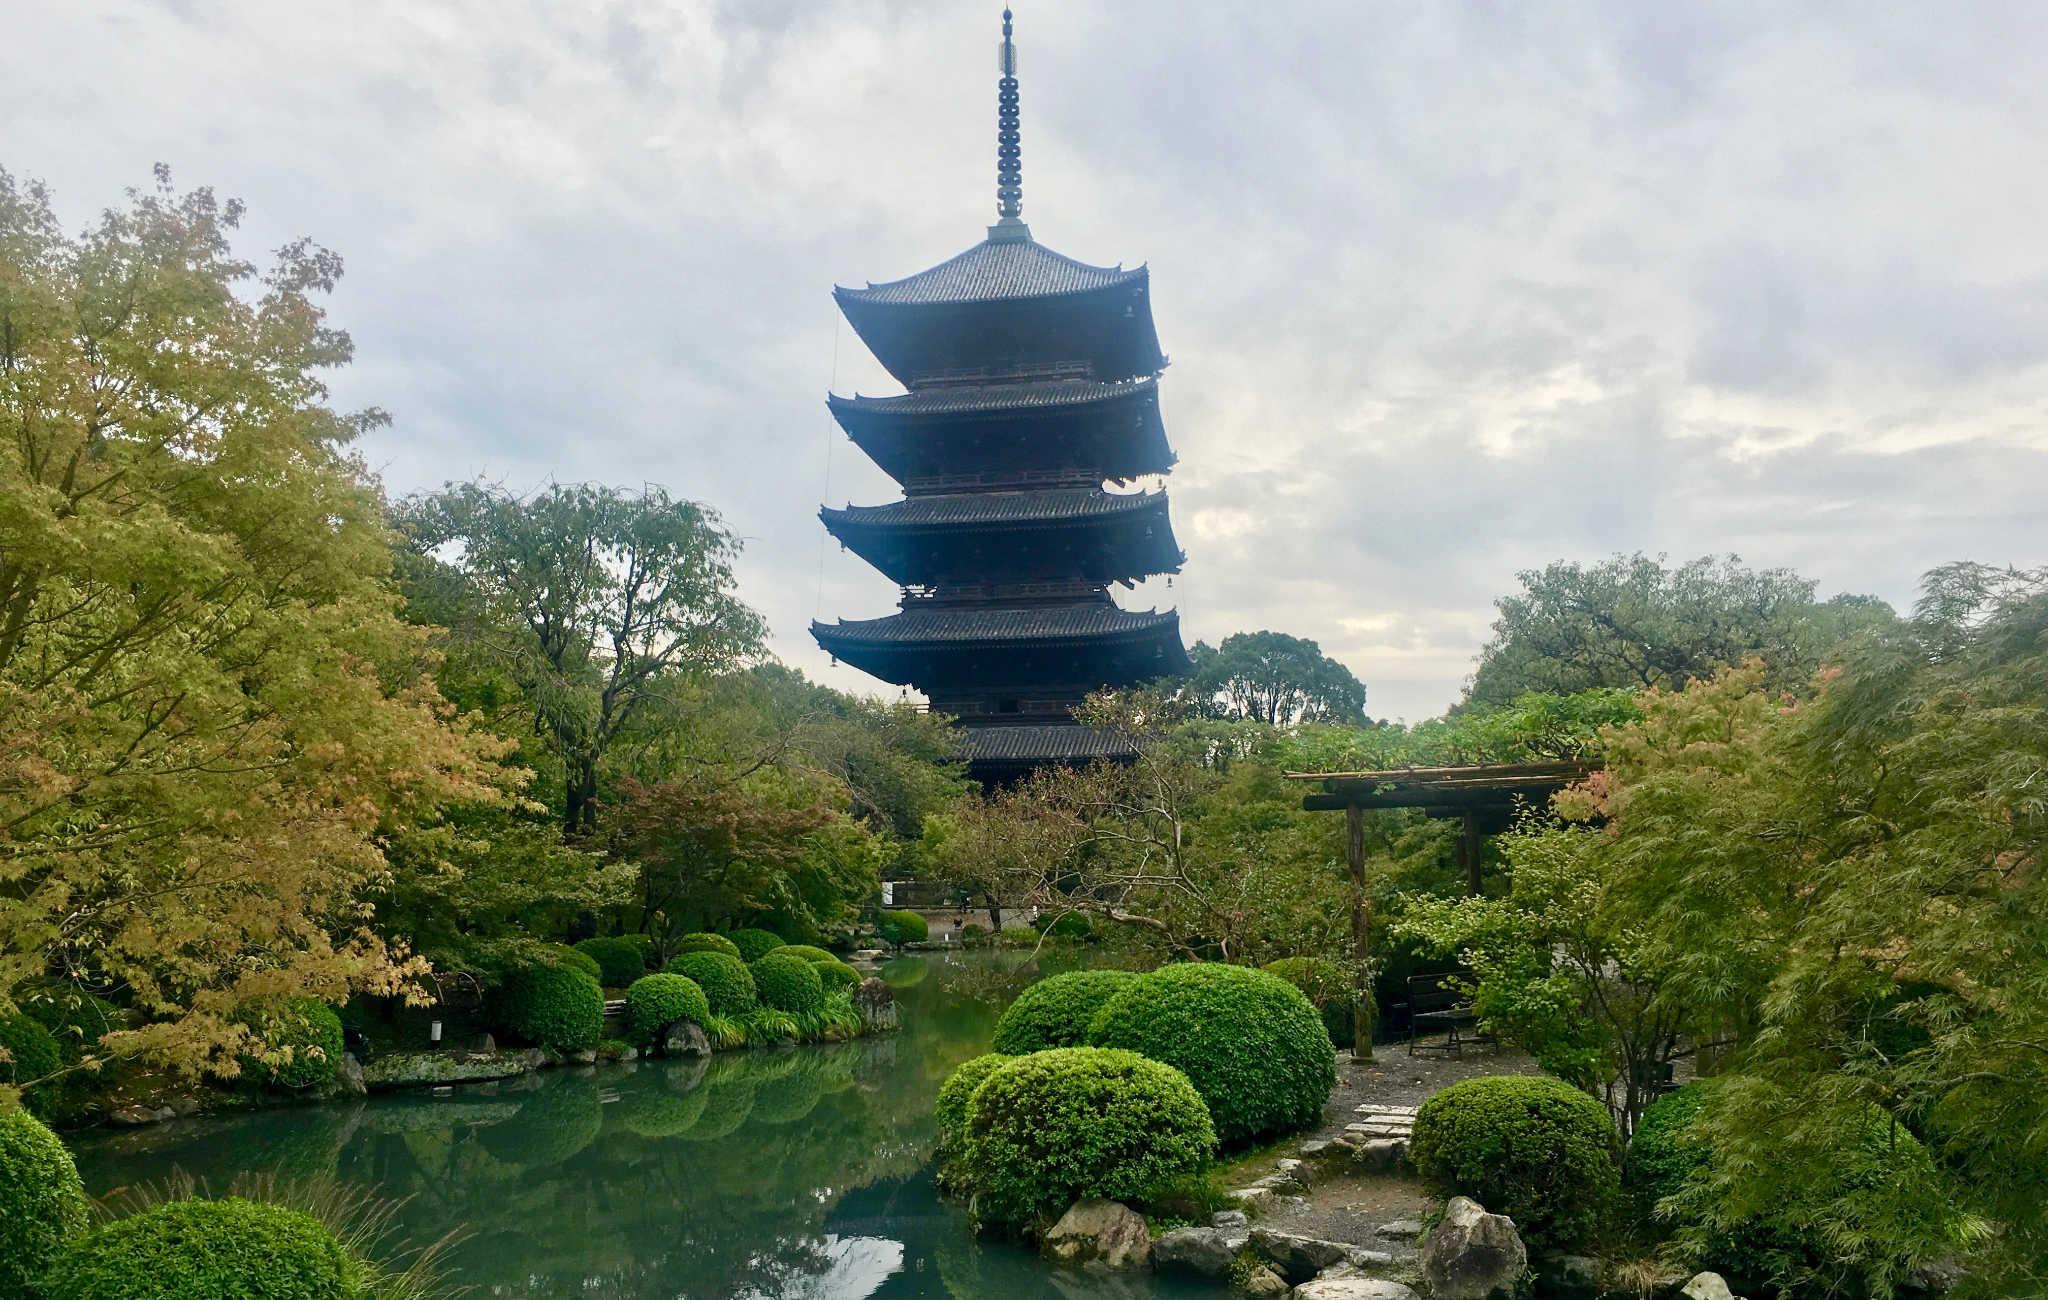 La grande pagode à 5 étages s'élève dans un coin du jardin